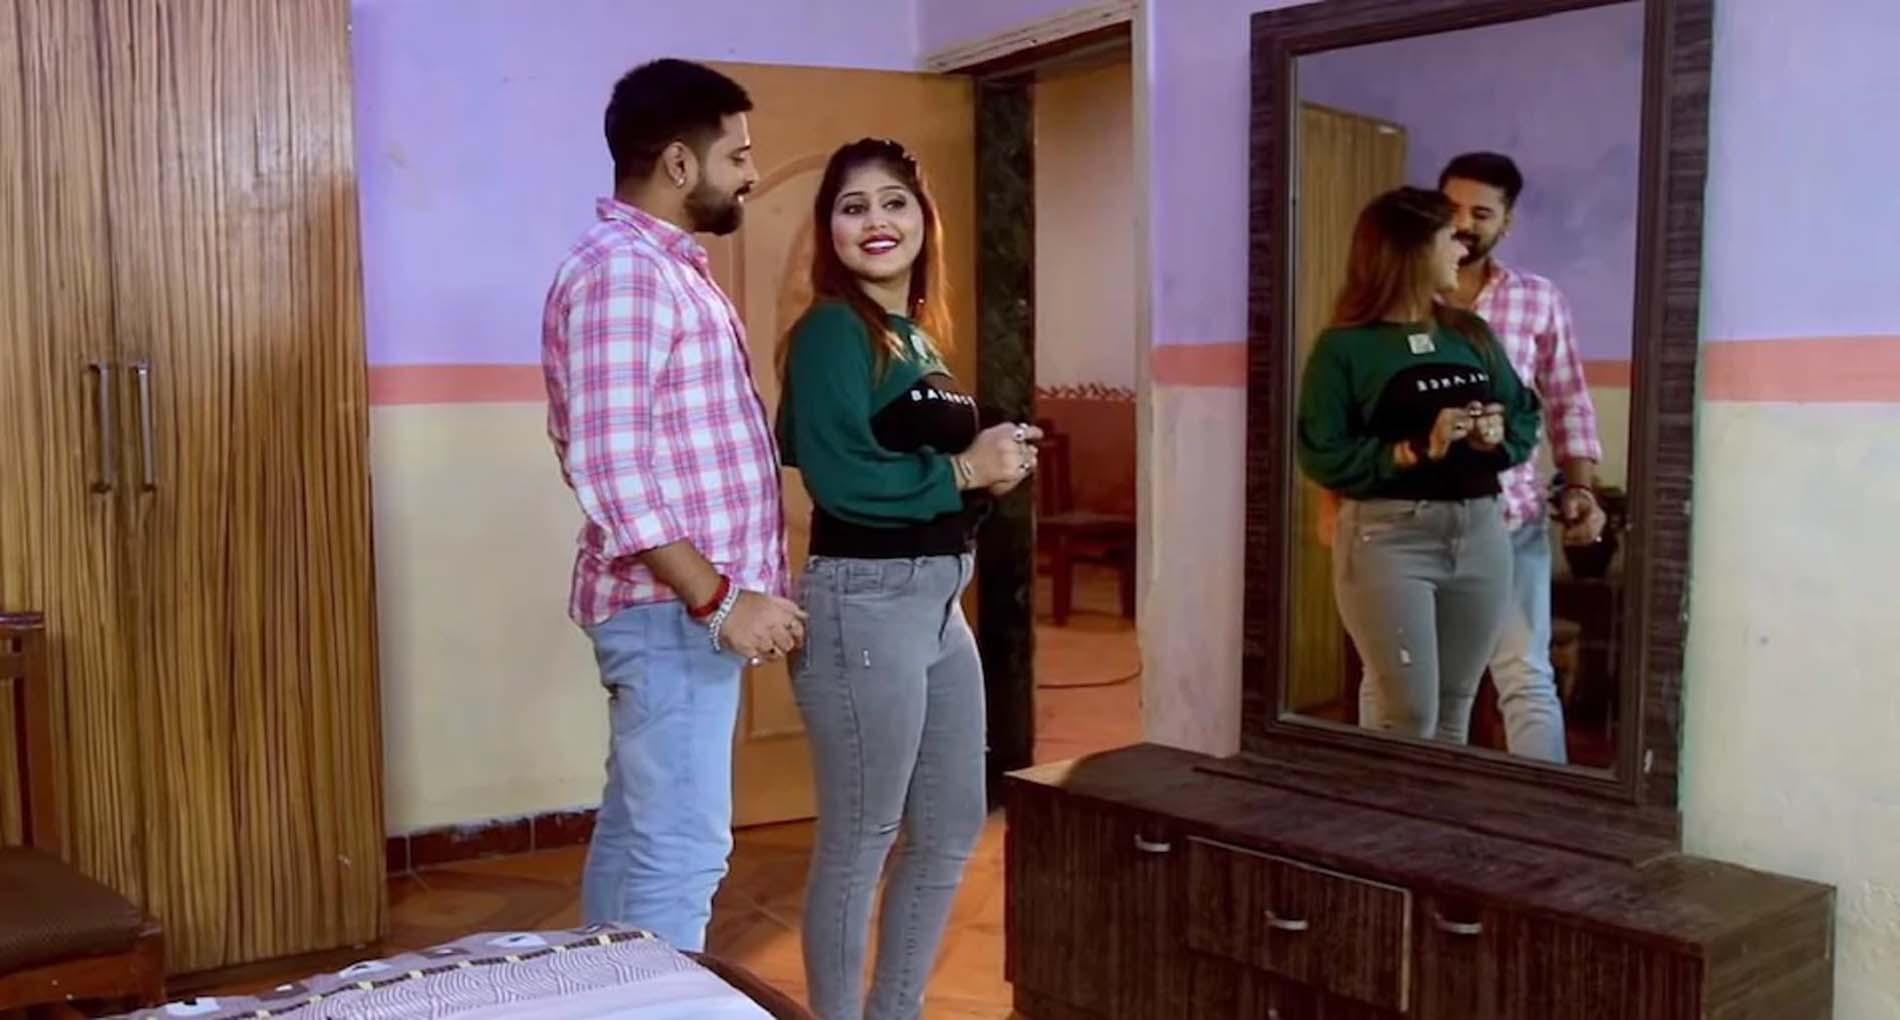 Bachpan Ka Pyar Bhojpuri Version: भोजपुरी में रिलीज हुआ 'बचपन का प्यार' गाना! मचा रहा है धूम